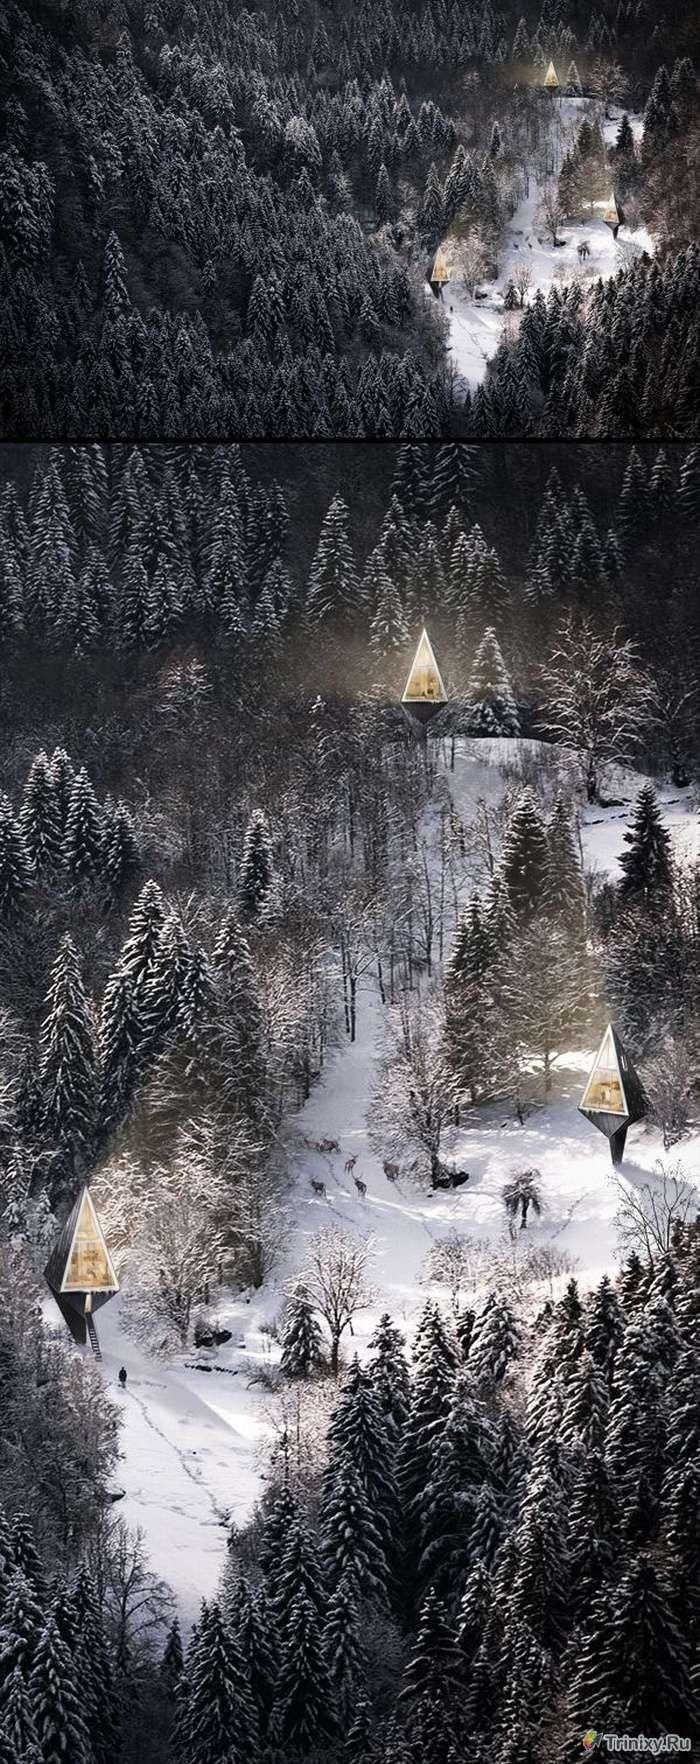 Первісне житло - екологічні будинки в лісі (6 фото)